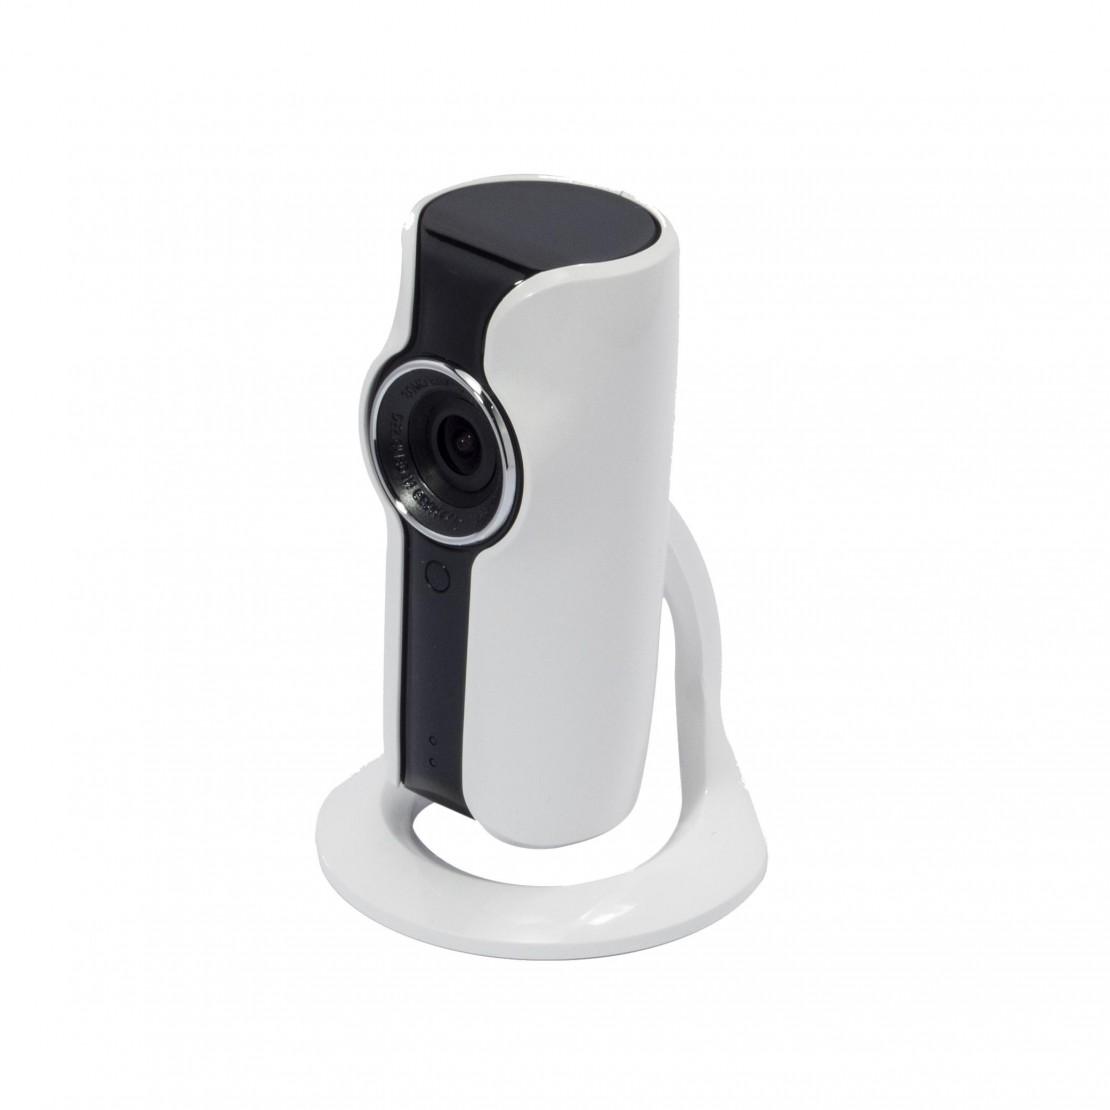 IP-buitencamera met wifi en HD (720p)